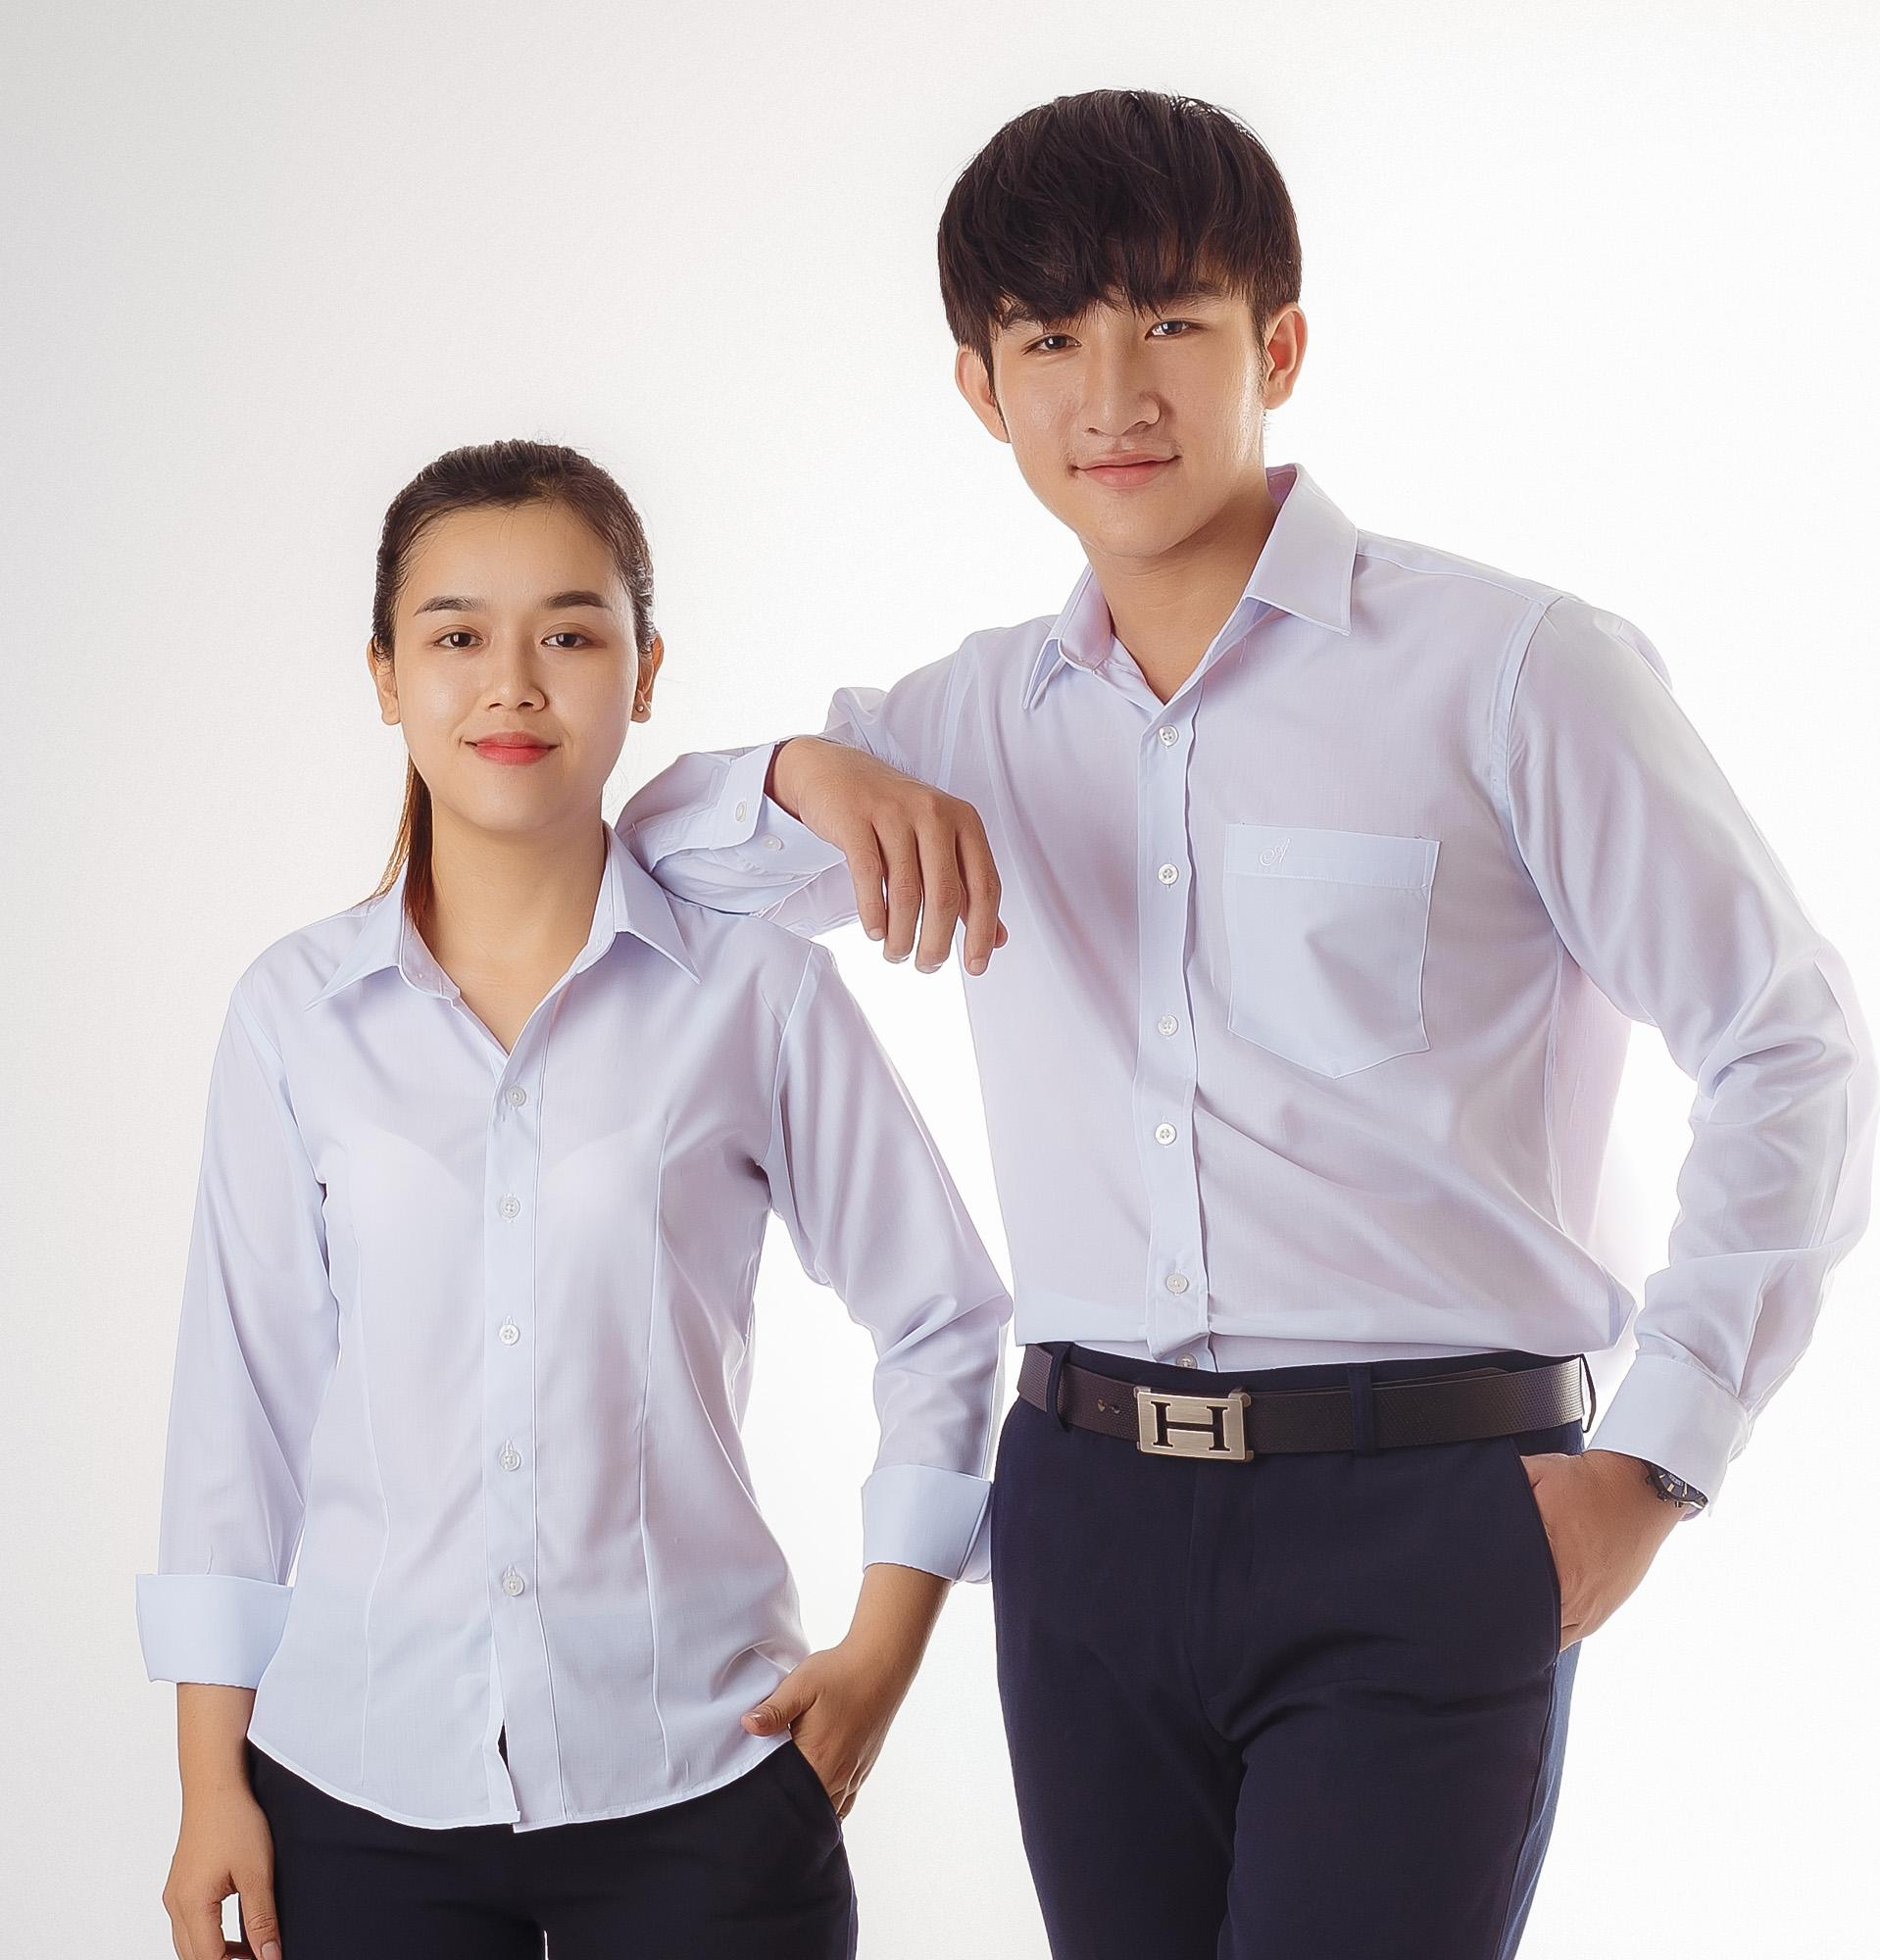 Áo sơ mi nam Amazing, sơ mi trắng, sơ mi học sinh, áo trắng học sinh, sơ mi tay dài, vạt ngang, vải kate silk mềm mại thoáng mát 40501-3001